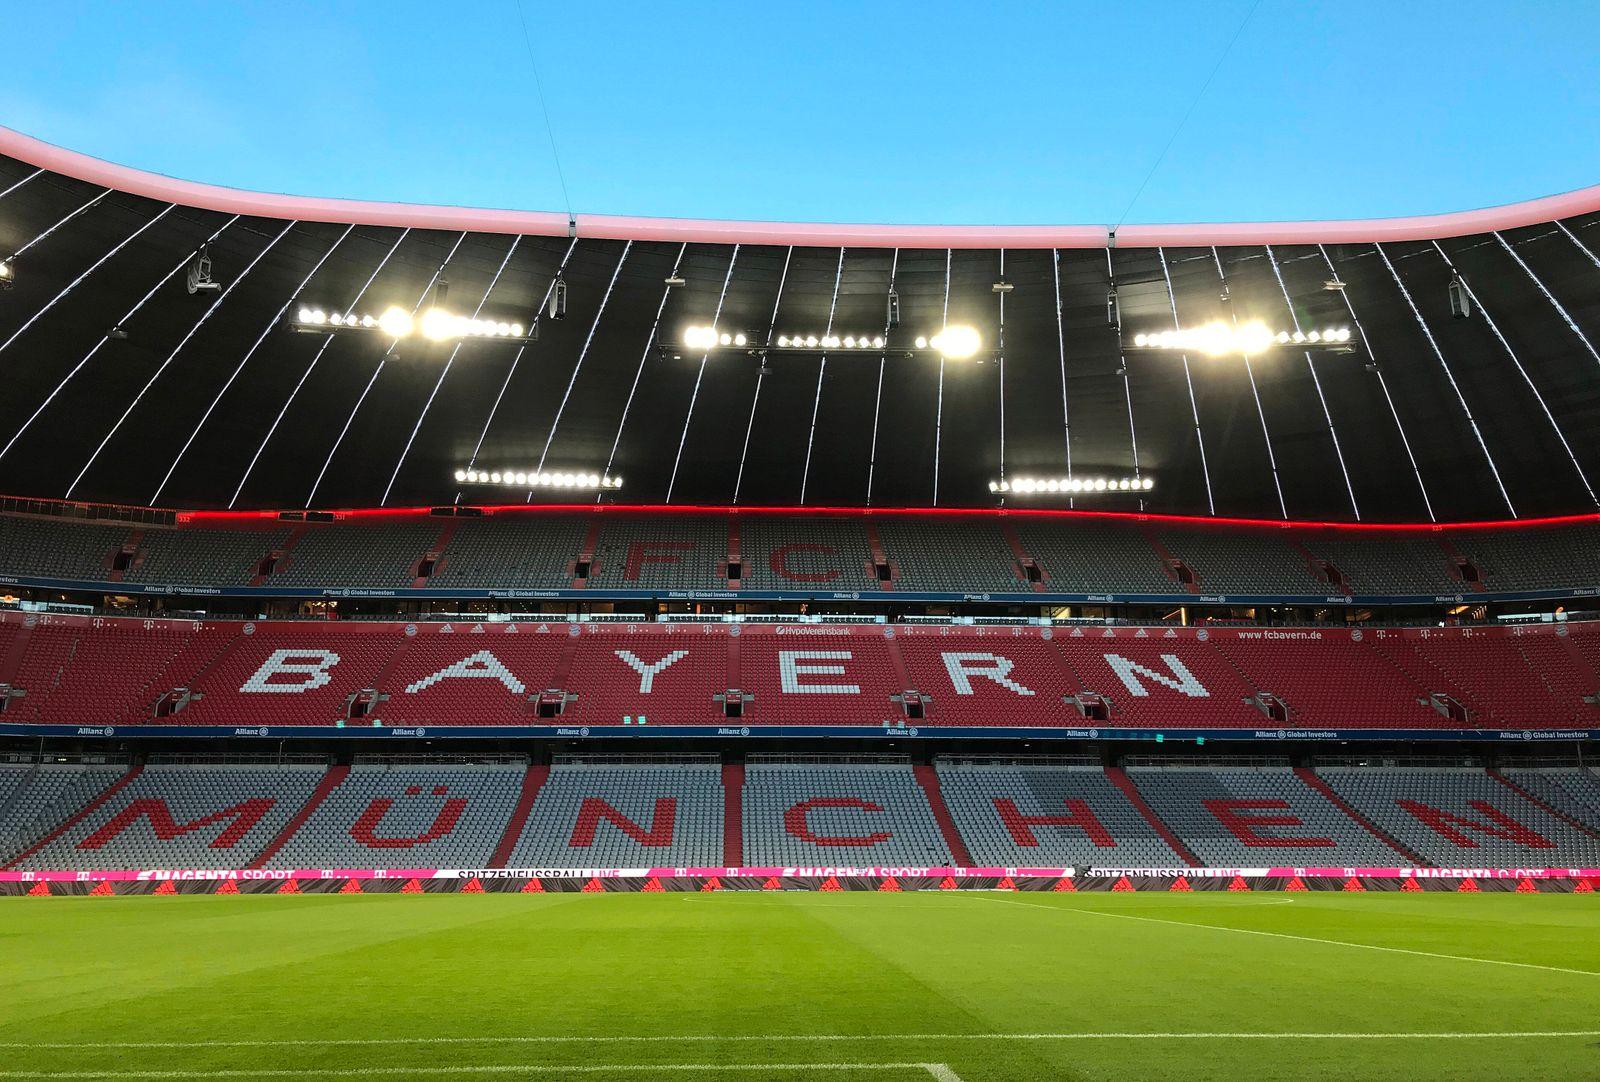 24.04.2020, Allianz Arena Muenchen, Fussball, im Bild: Leere Tribüne in der Allianz Arena *** 24 04 2020, Allianz Arena